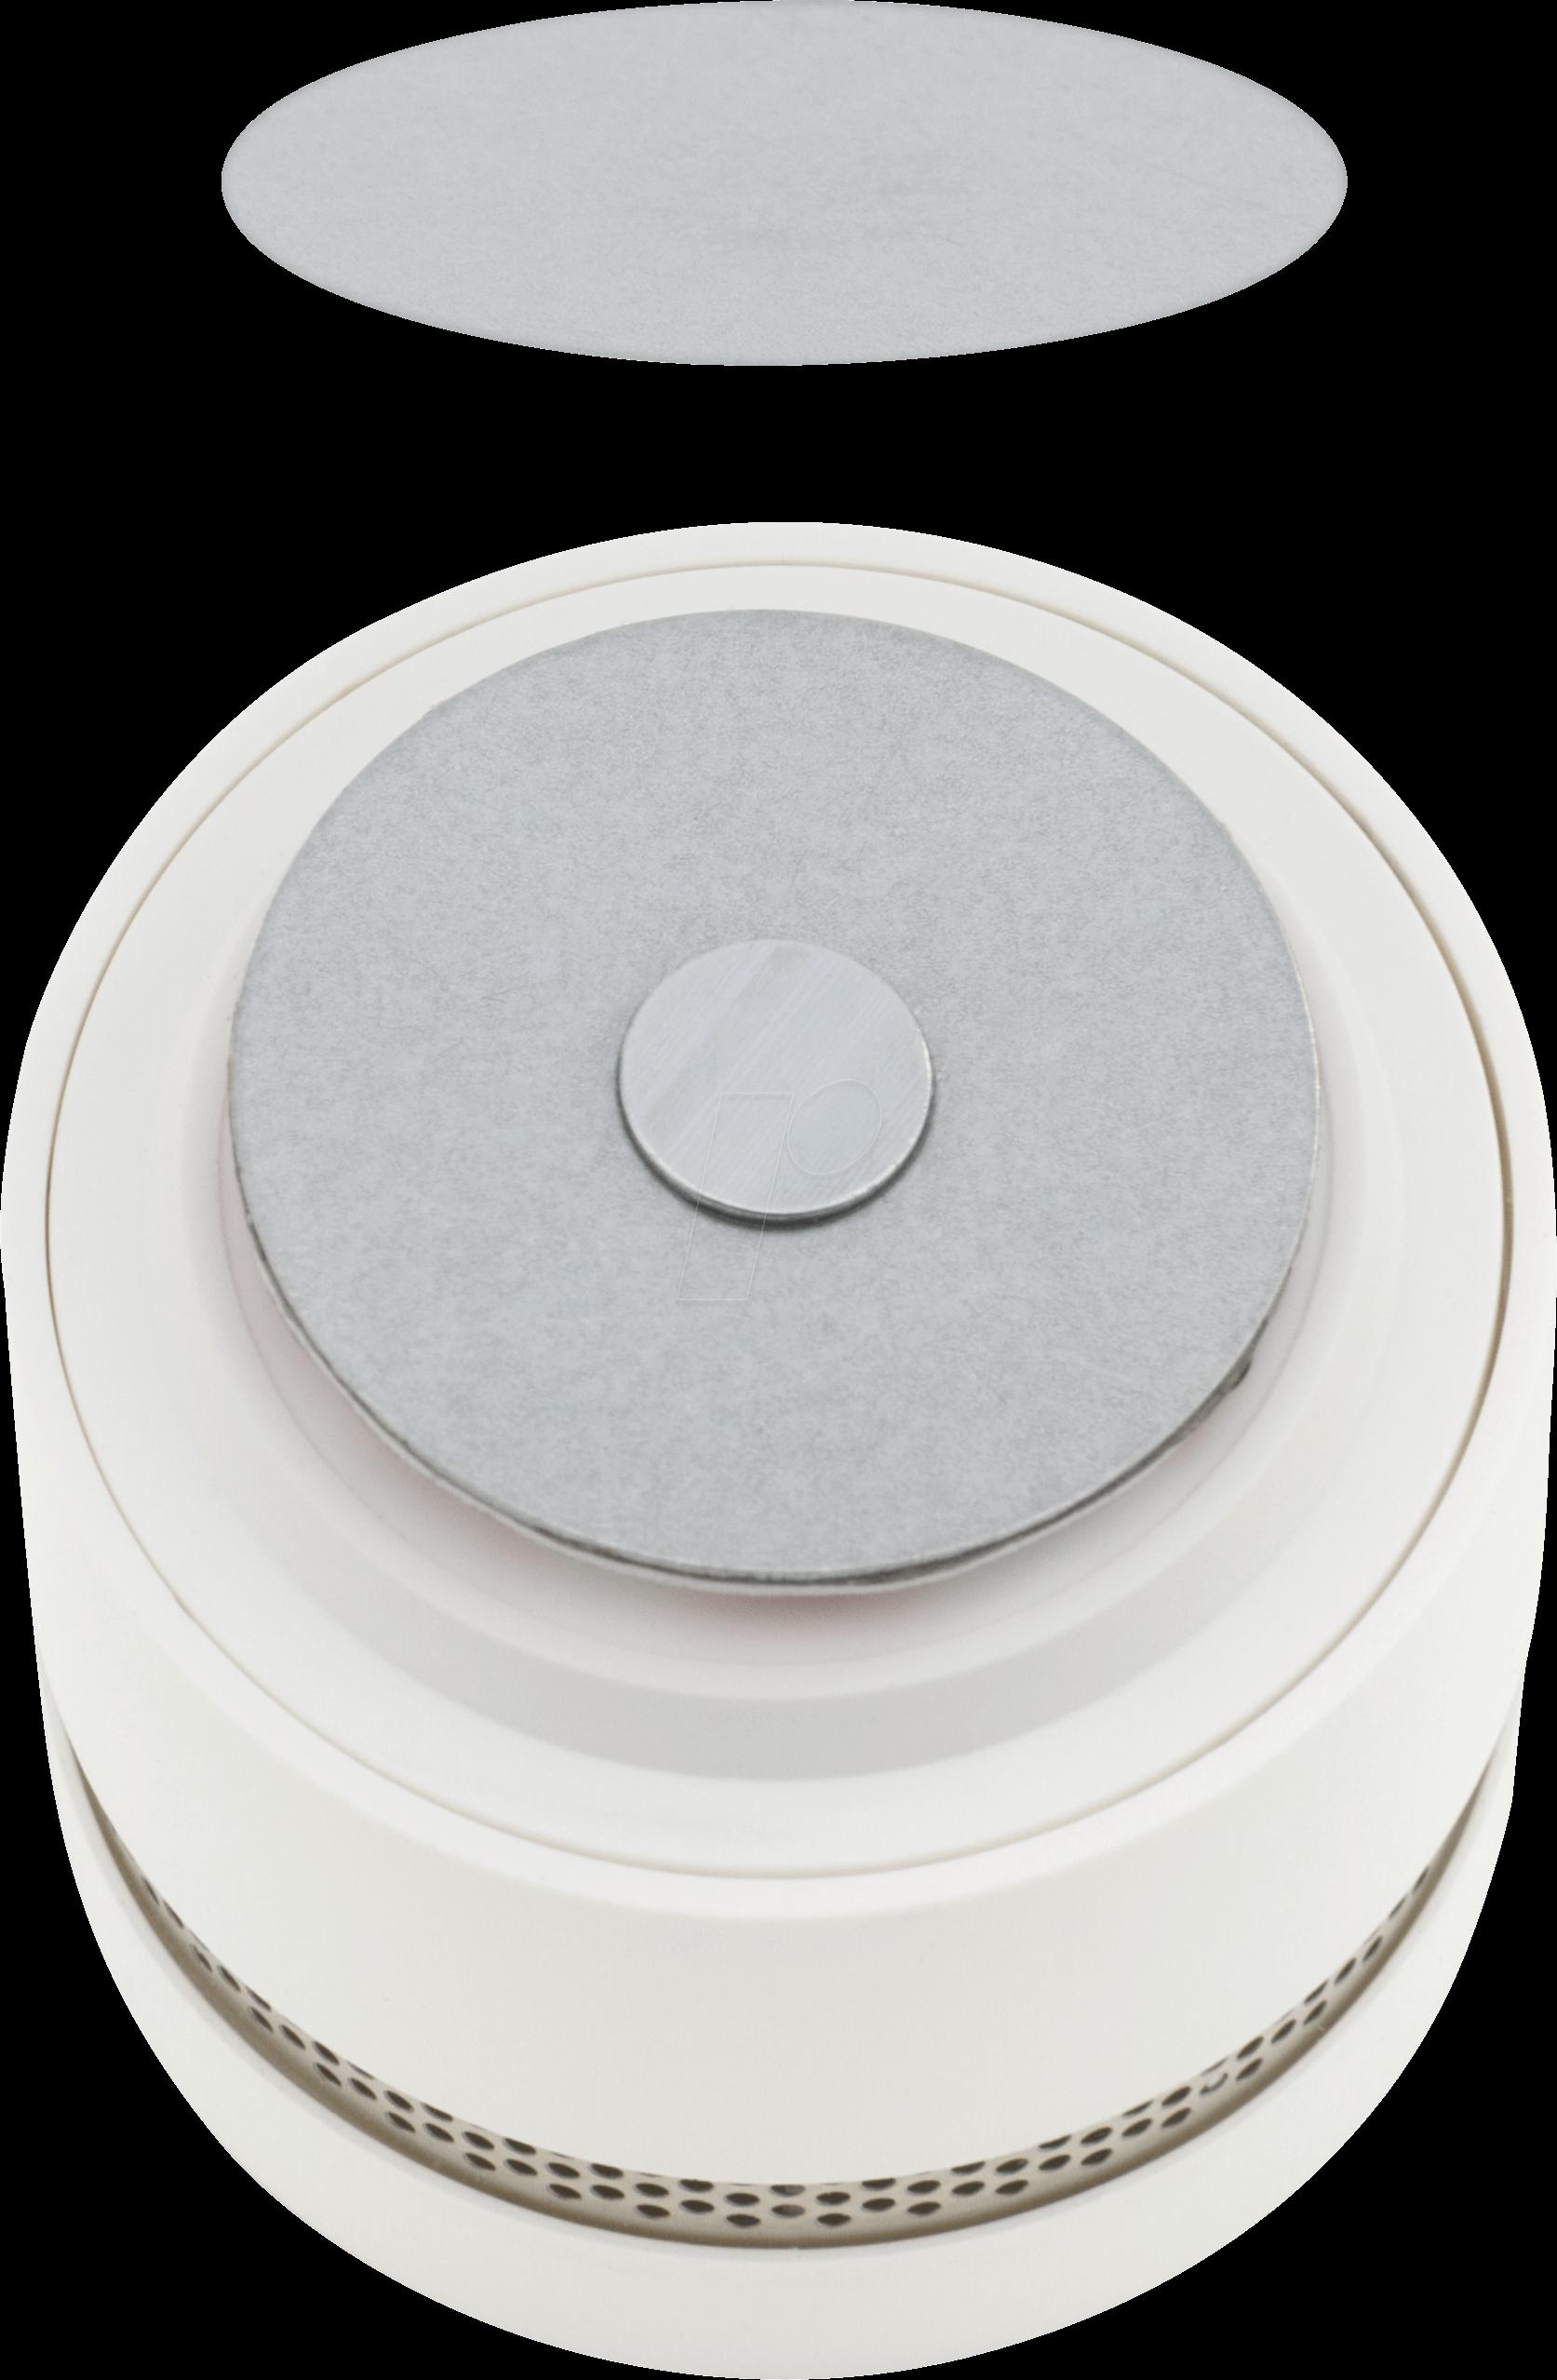 REV 0023070712: Magnetbefestigung für Mini-Rauchwarnmelder bei ...